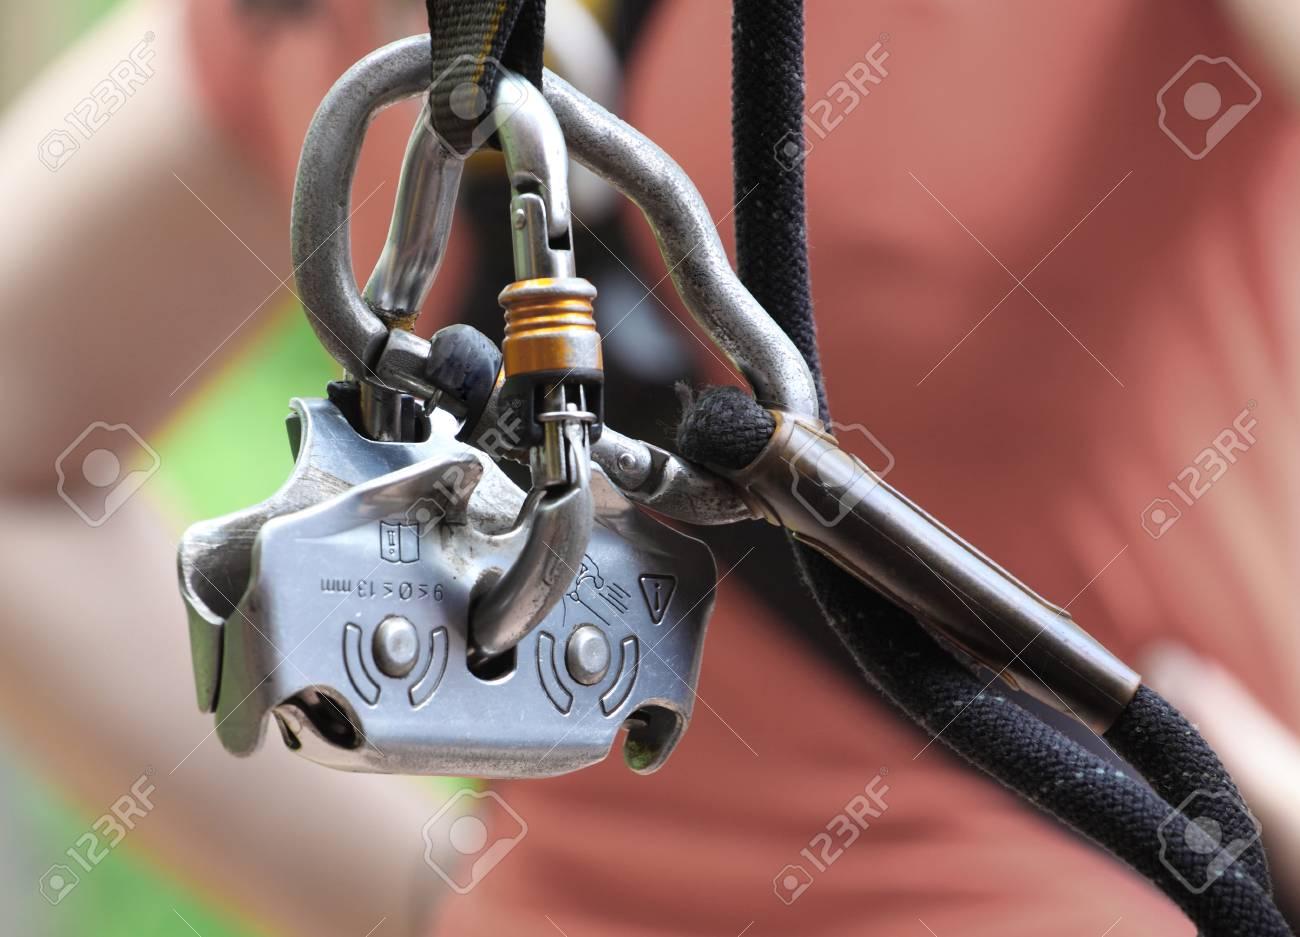 Kletterausrüstung Sicherung : Sicherheitshalteseil und sicherungsseil springhook teil der